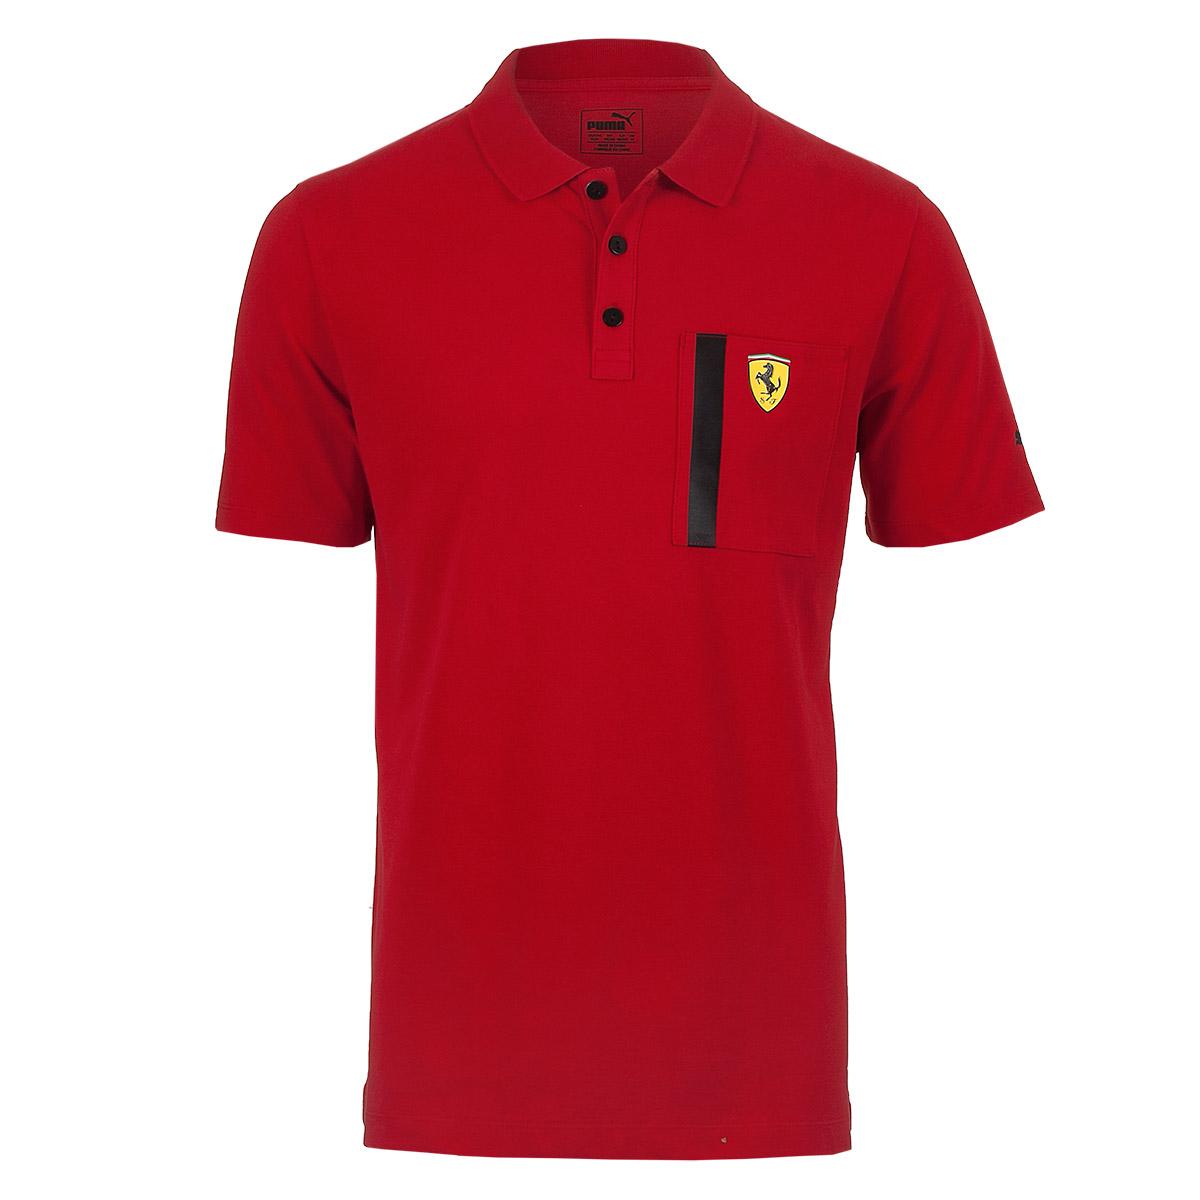 Camisa Polo Masc. Puma Styfr Scuderia Ferrari - Vermelho